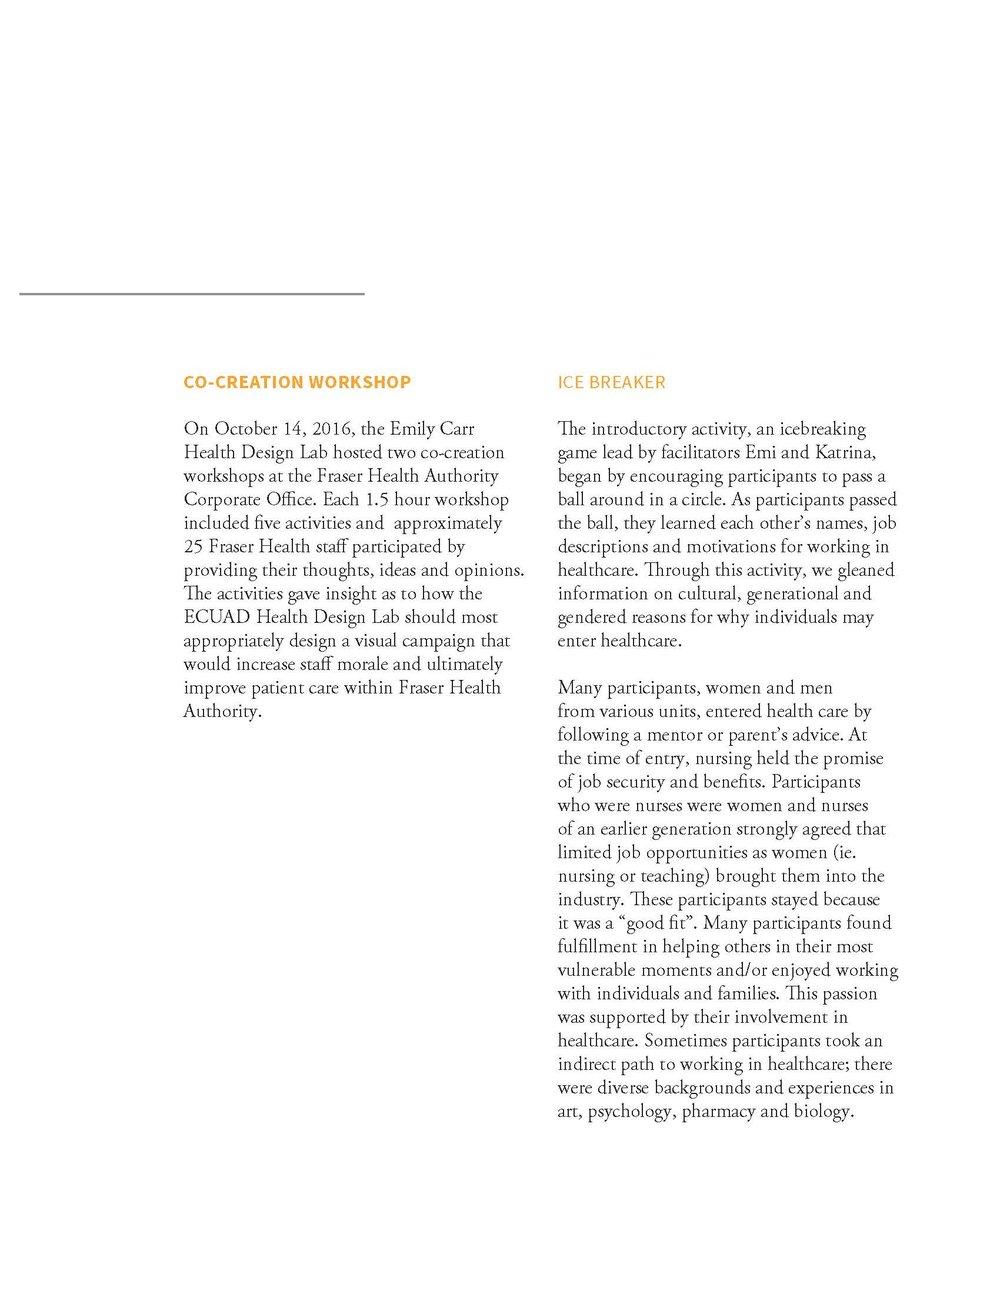 Copy of HDL_Fraser_Health_V4_Page_10.jpg